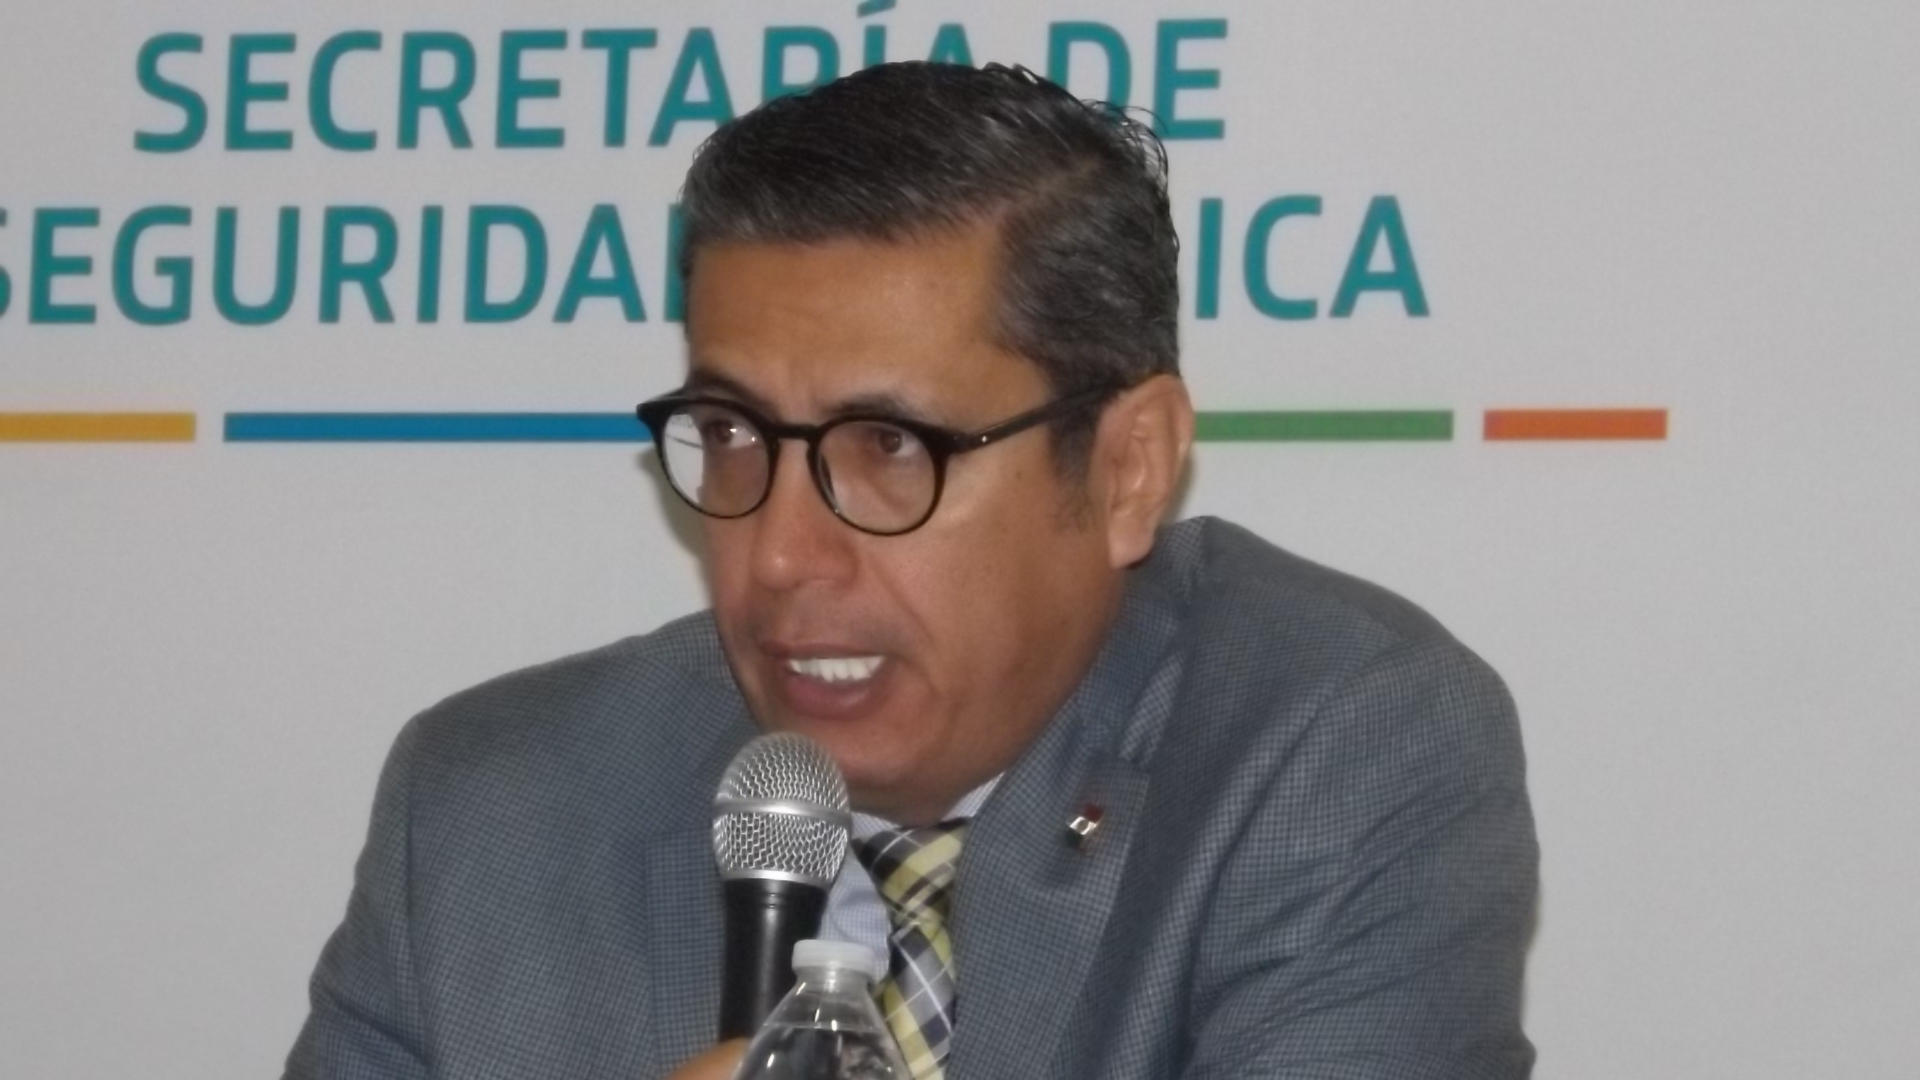 Autos robados en Aguascalientes se venden en otros estados: Fiscal